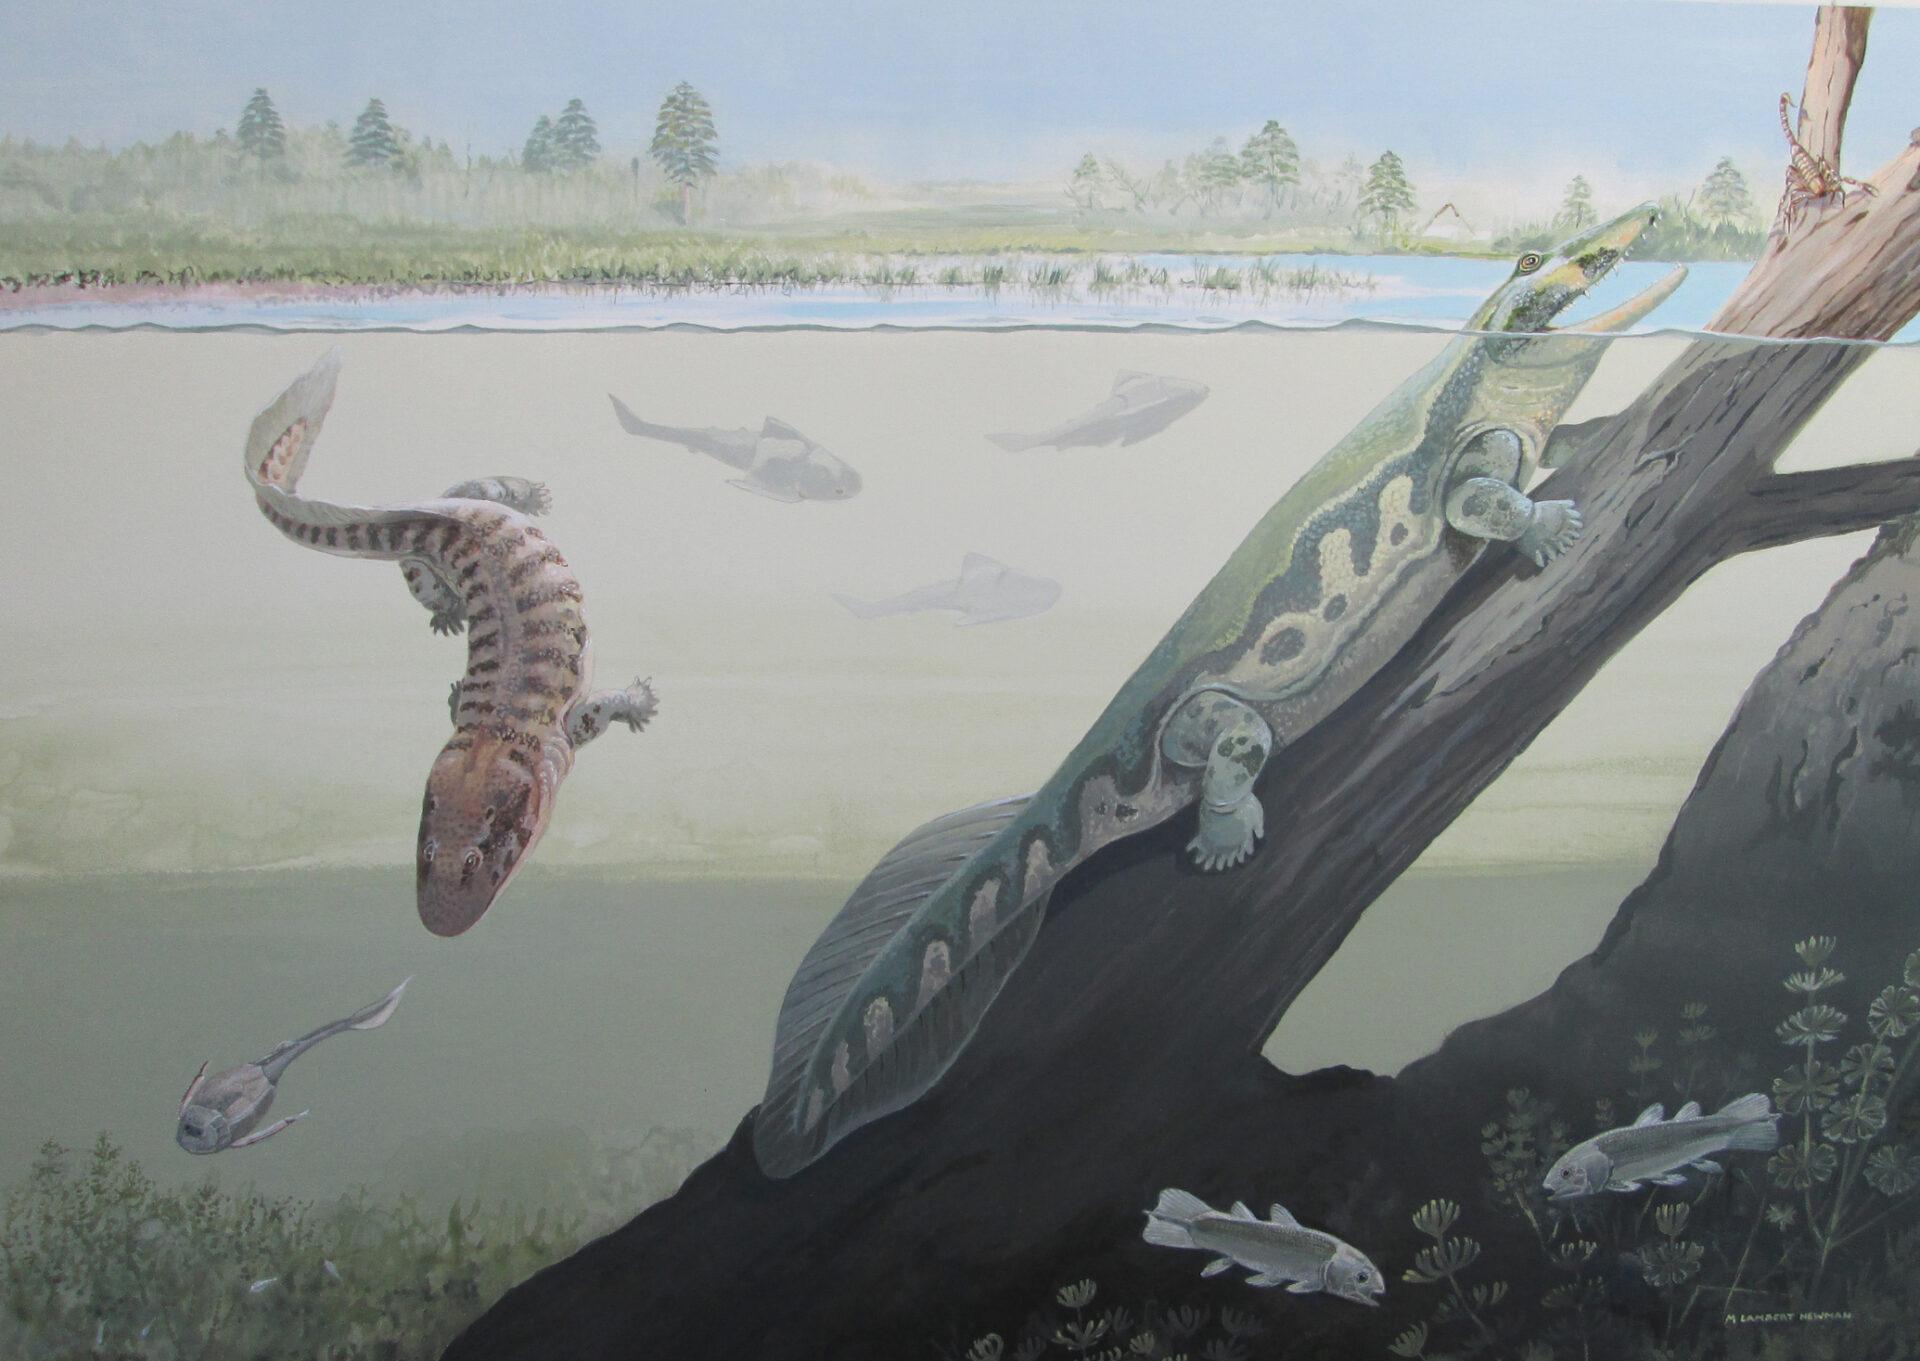 Первые наземные четвероногие появились на Земле почти 400 млн лет назад